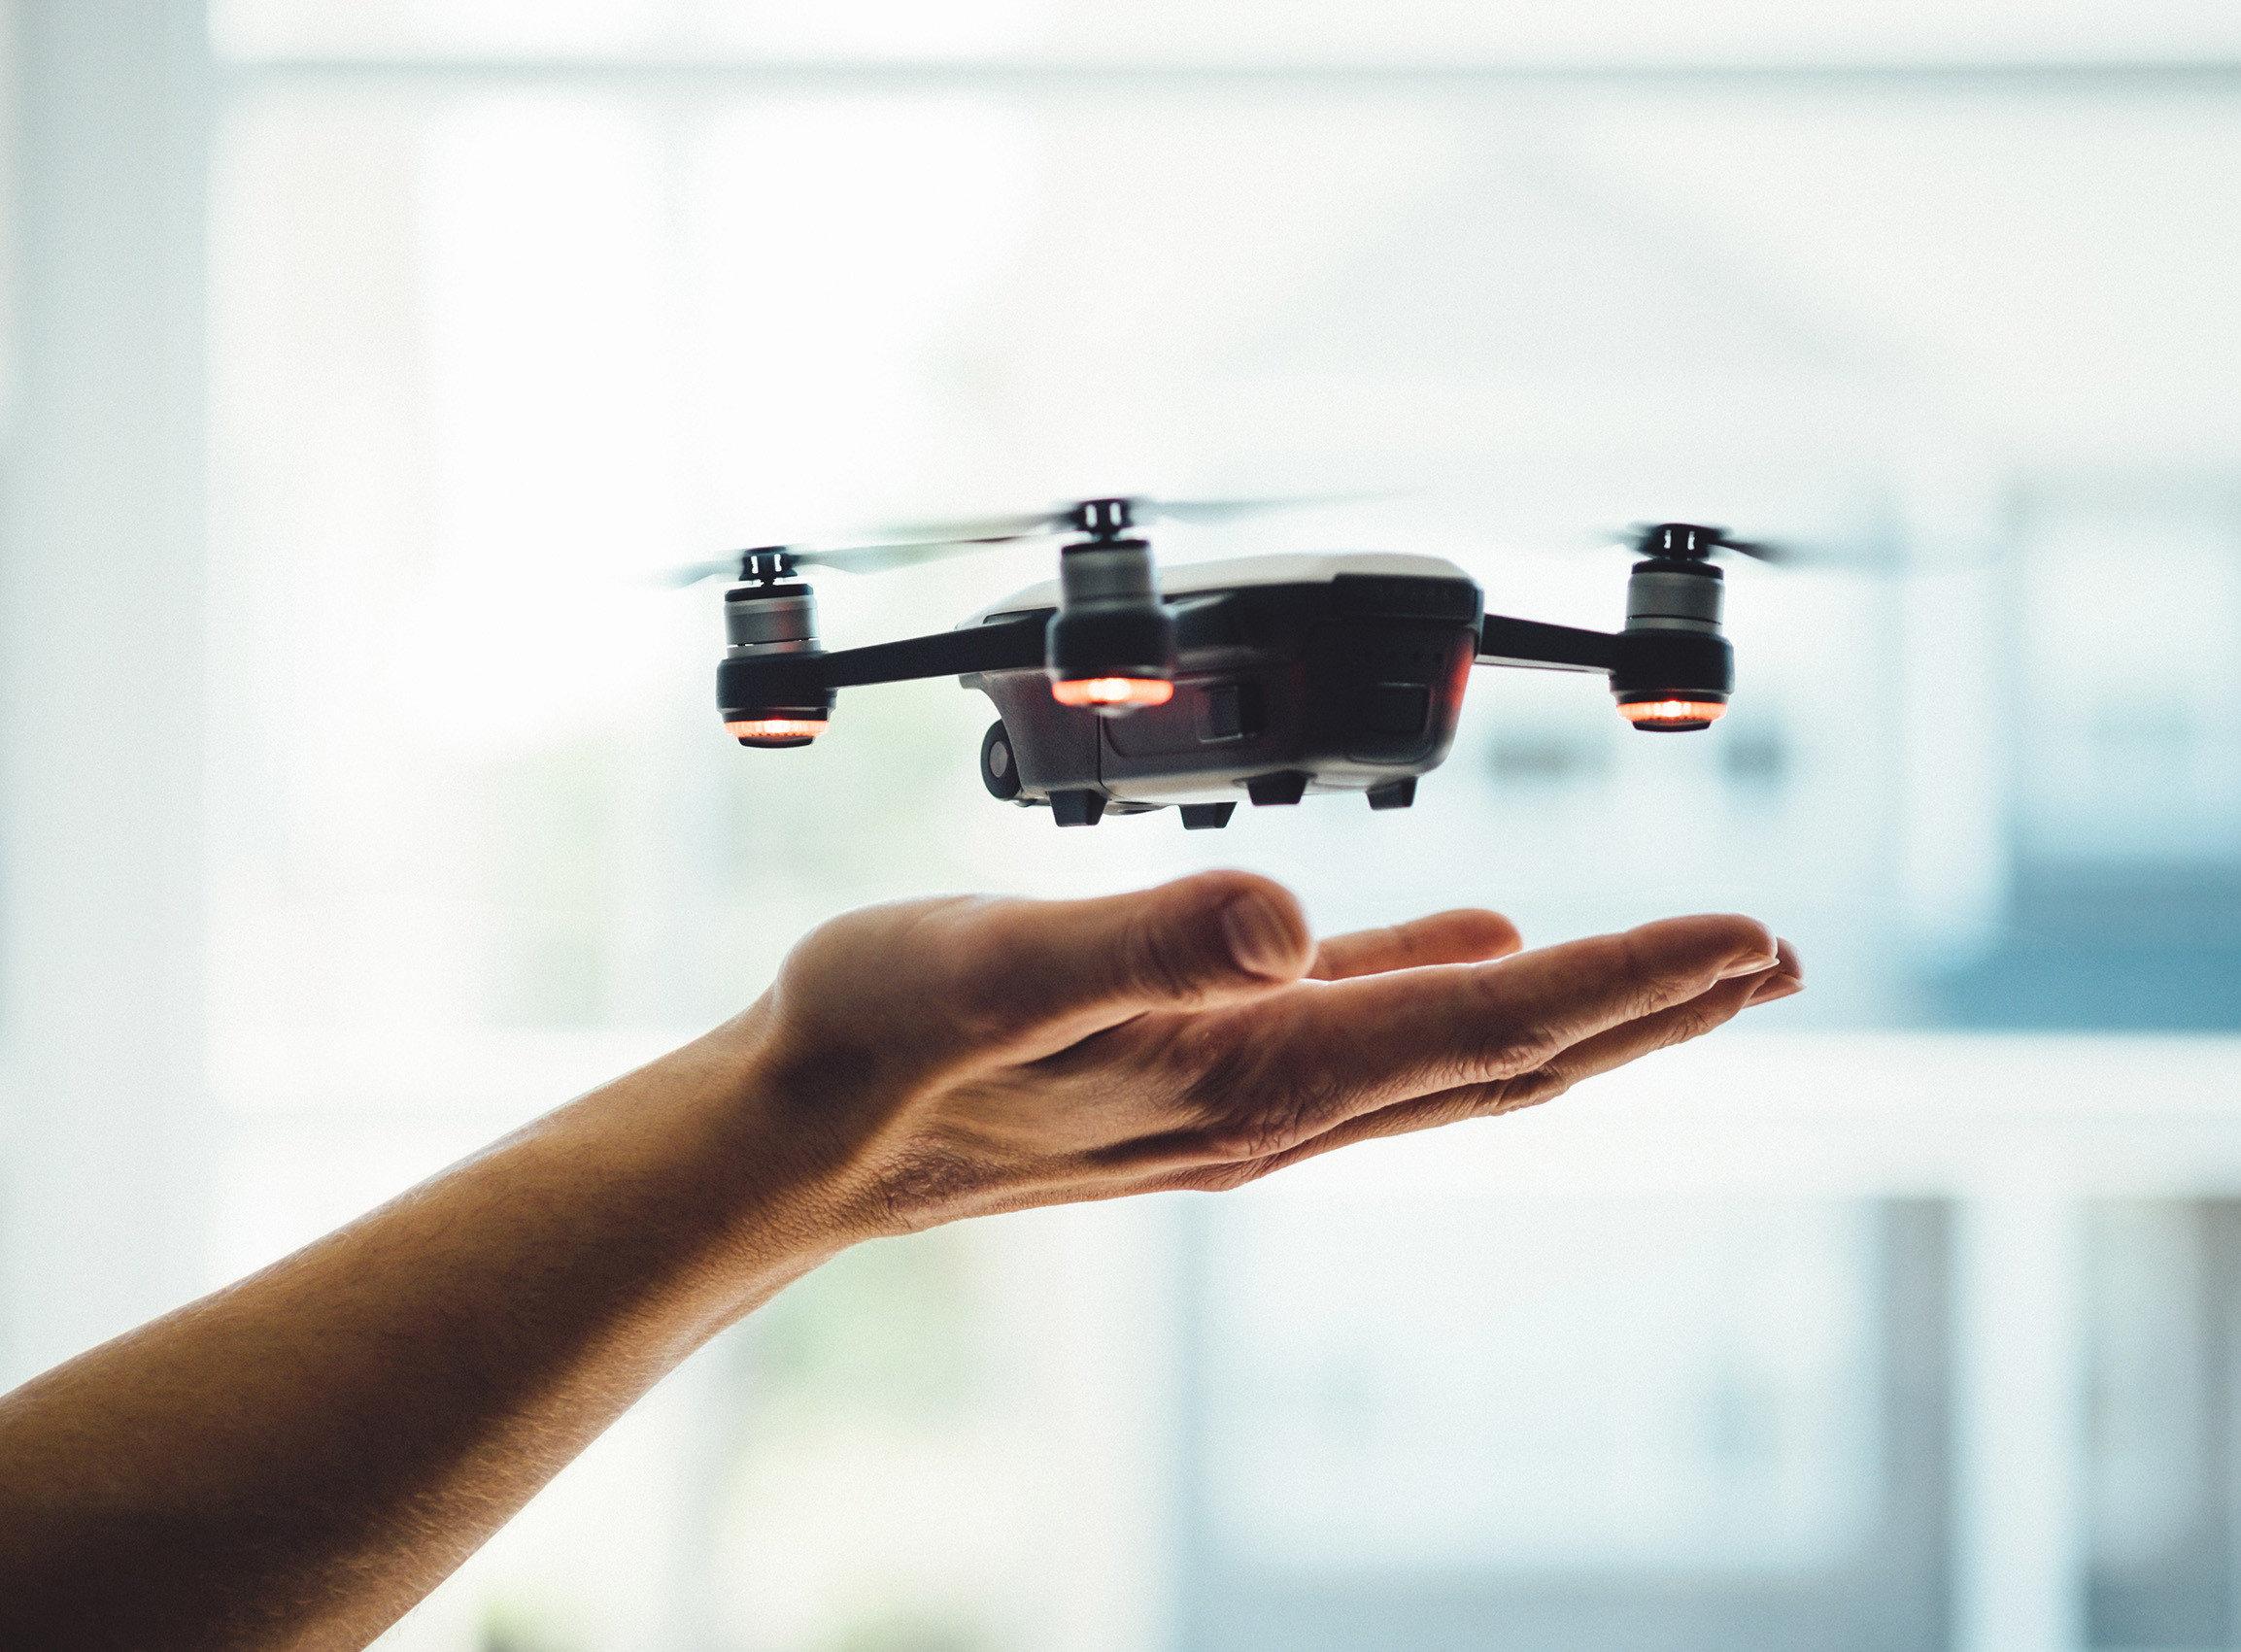 Drohnen in Island, Drohnengebrauch, Drohne, verwenden, erlaubt, zugelassen, Permit, beantragen, registrieren, Miles and Shores, Reiseblog, Vorbereitung, Reisevorbereitung, Island, Iceland